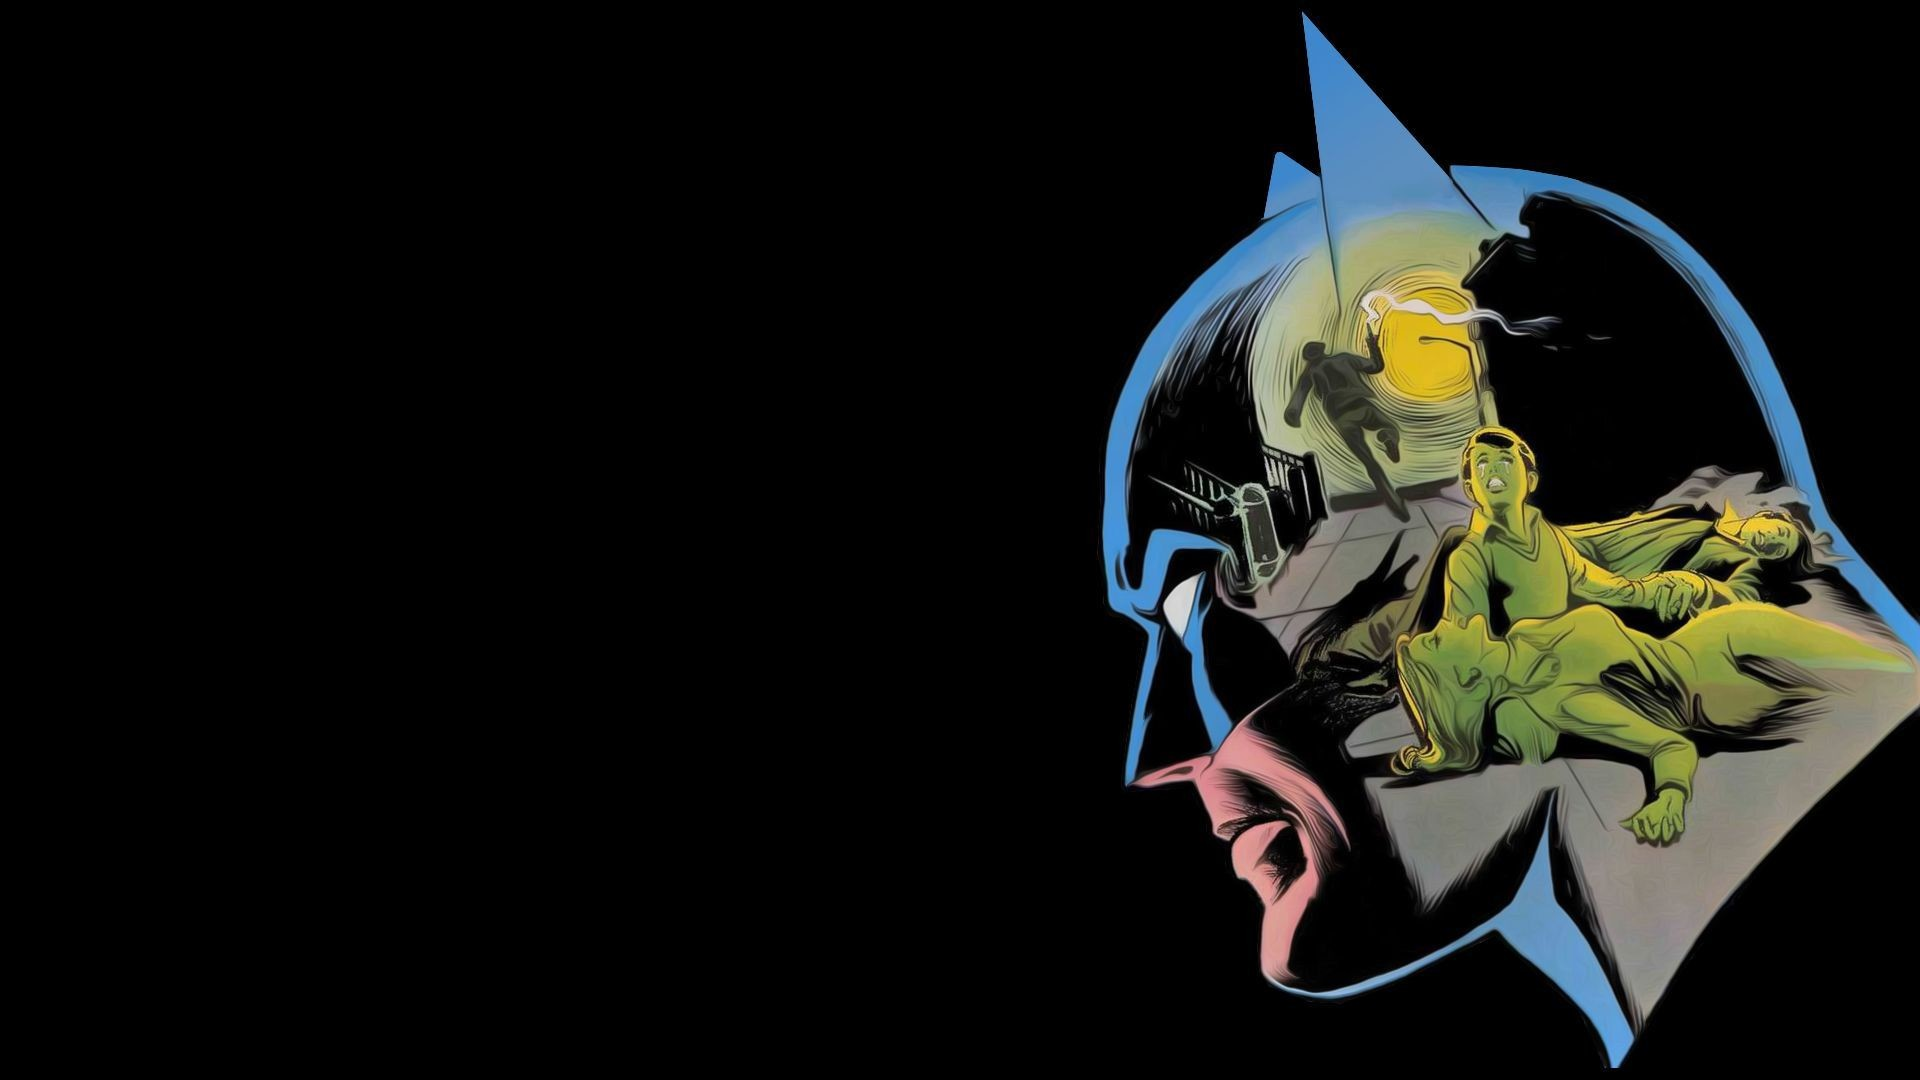 Res: 1920x1080, Gallery for - batman comics wallpaper